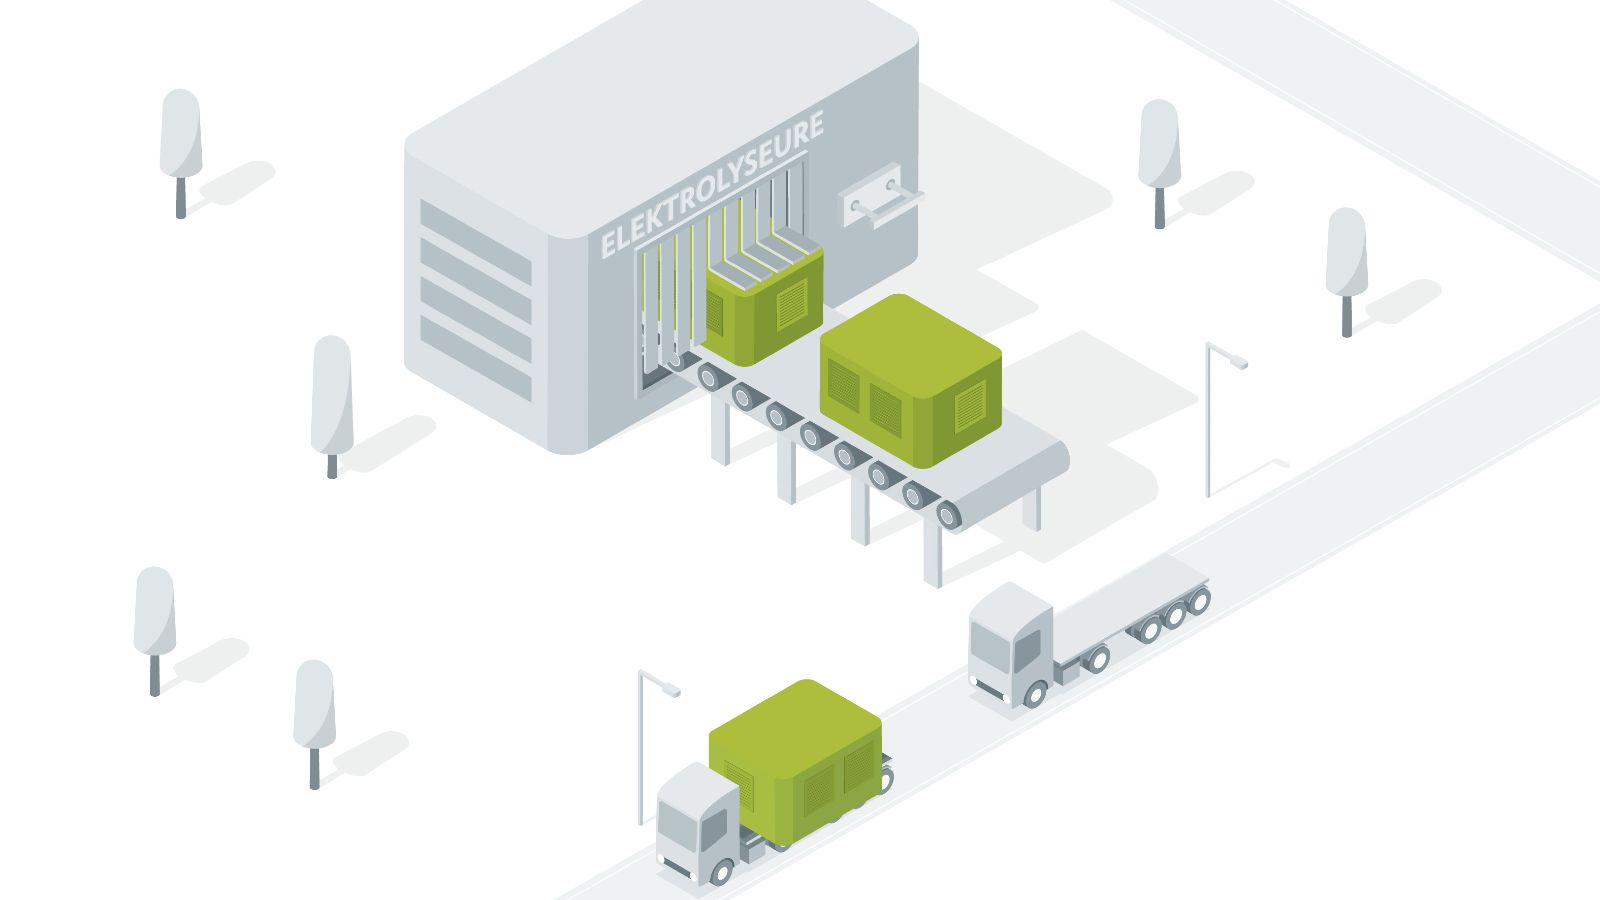 Das Bild zeigt Elektrolyseure auf einem Laufband in einer Fabrik.